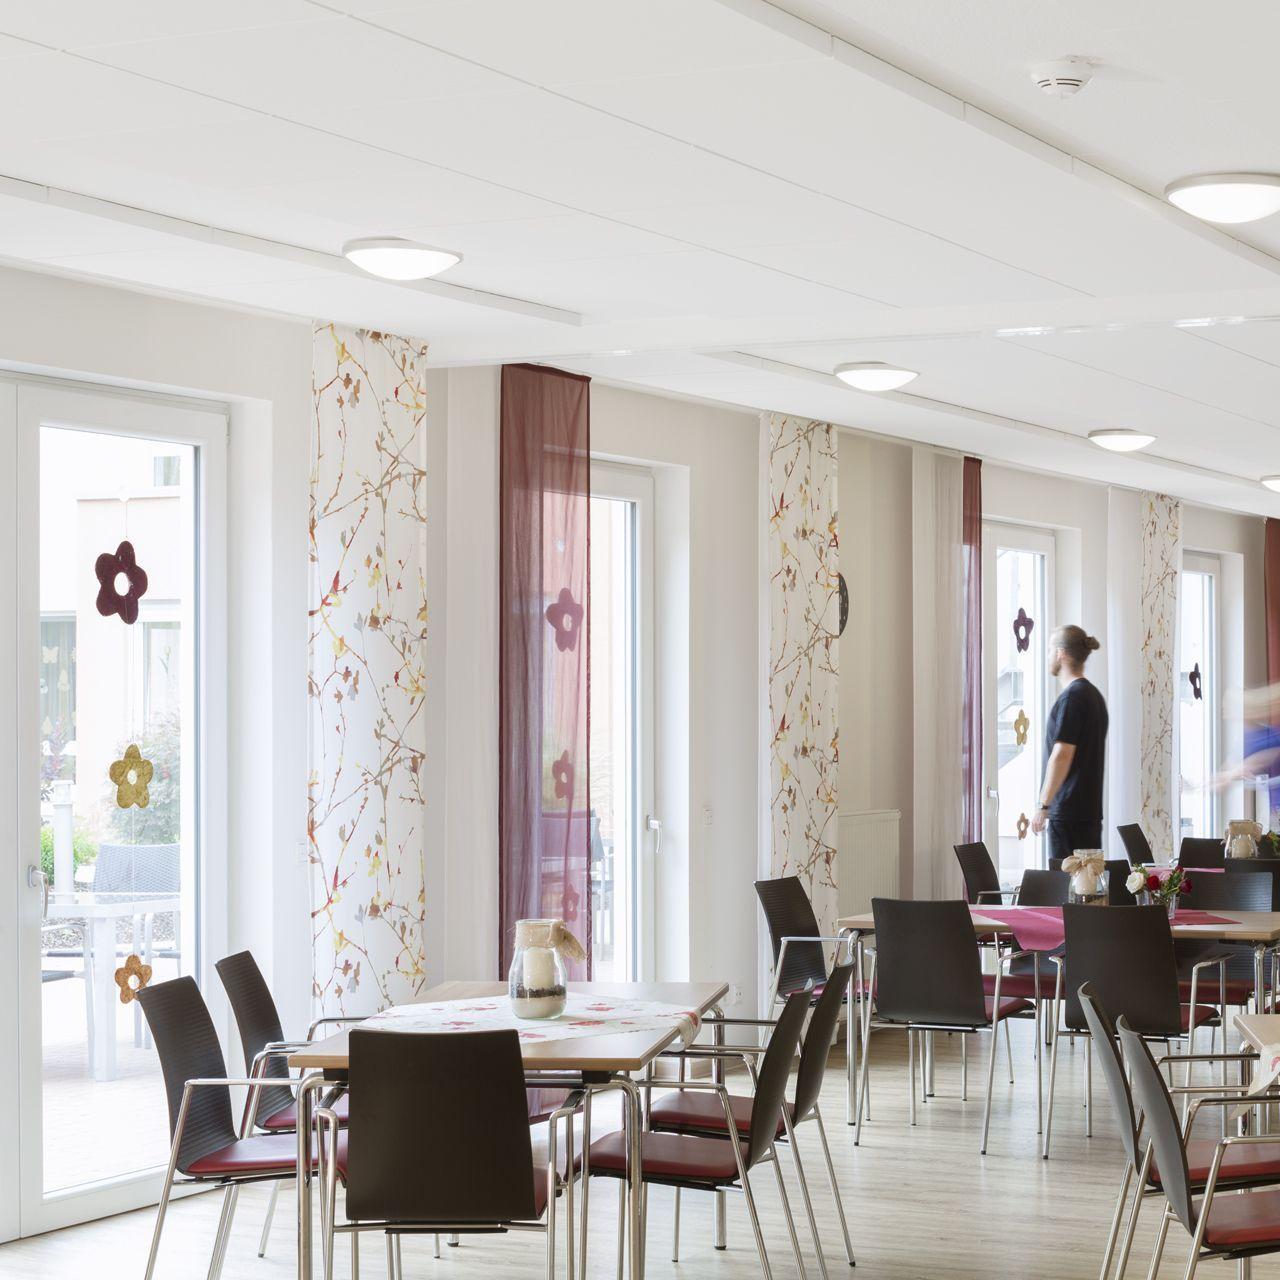 ecophon akoestische verlijmbare panelen plafond ruimte akoestiek Omgeving